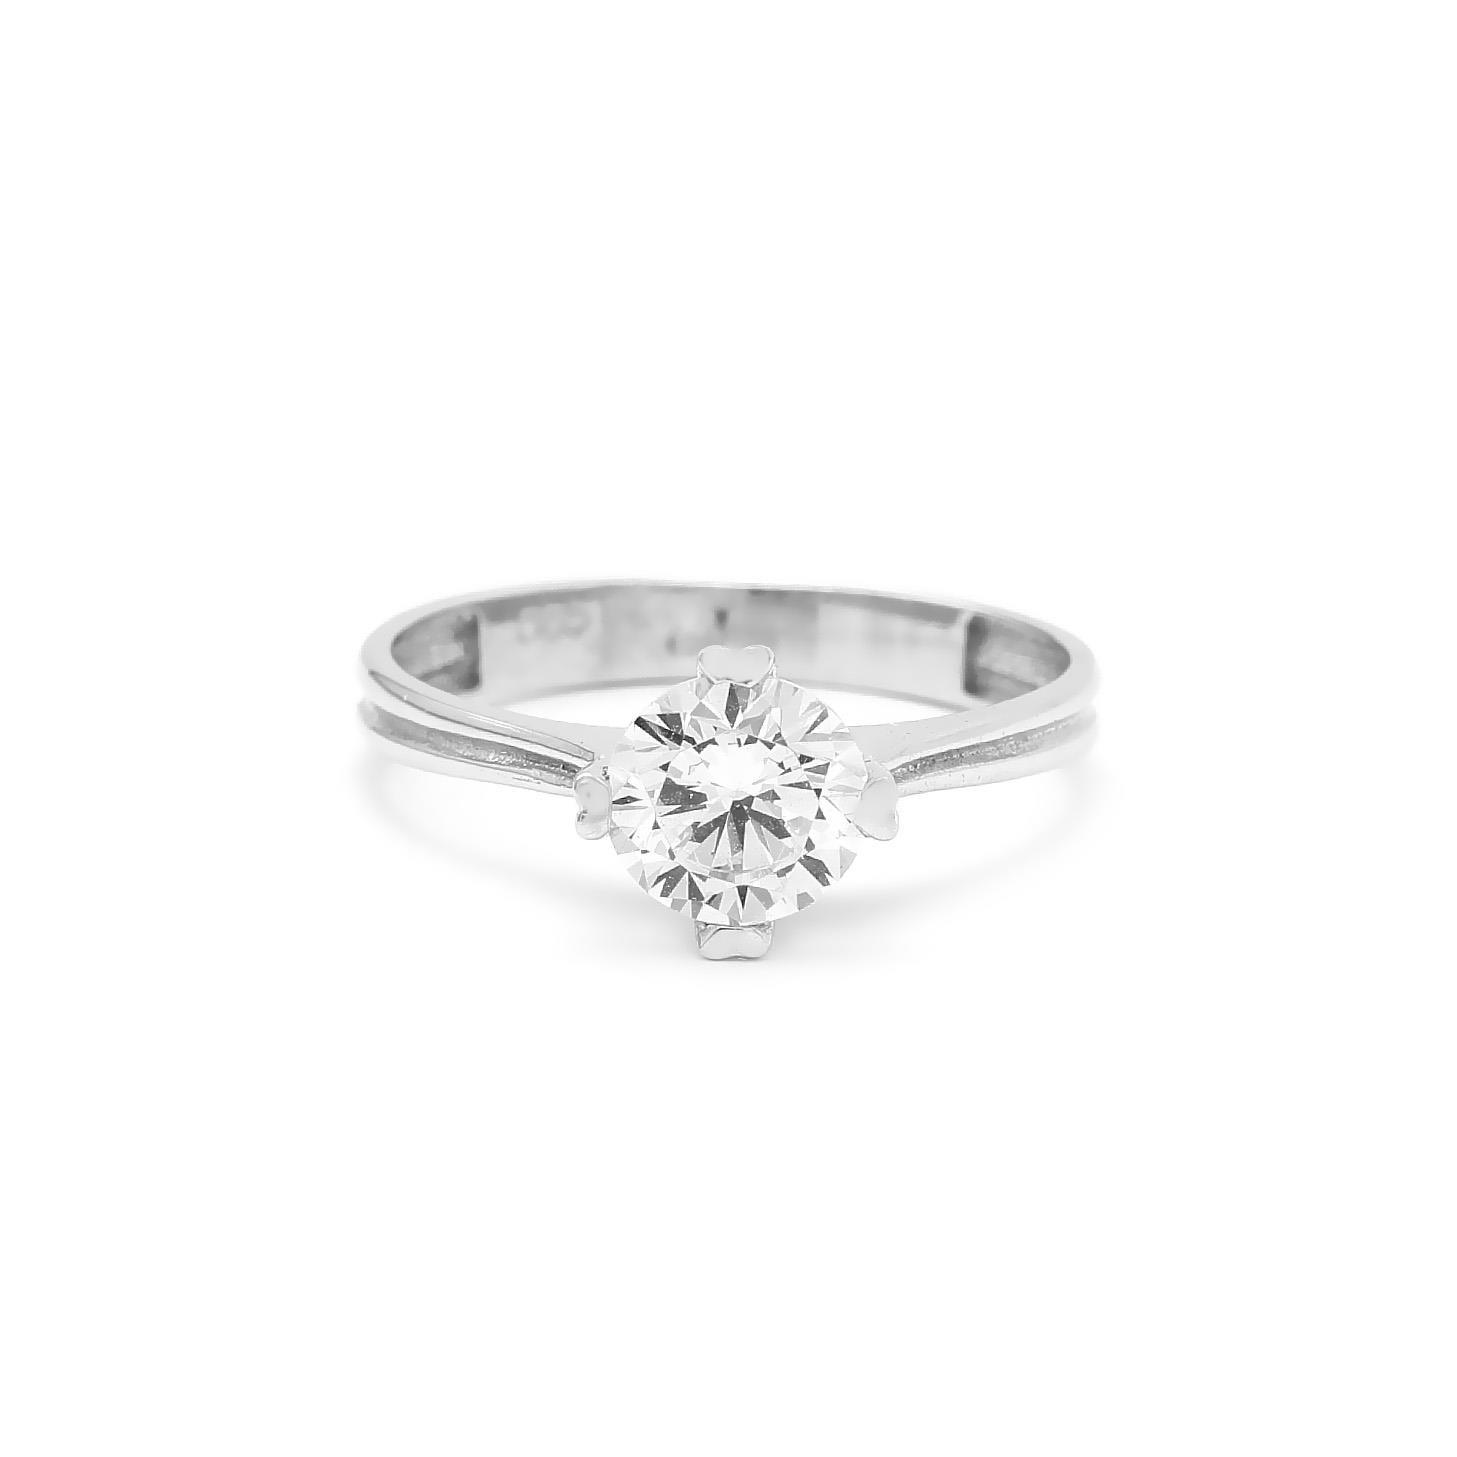 zlatý zásnubný prsteň zandra zlatý zásnubný prsteň zandra 1 ... 987dd02ad09